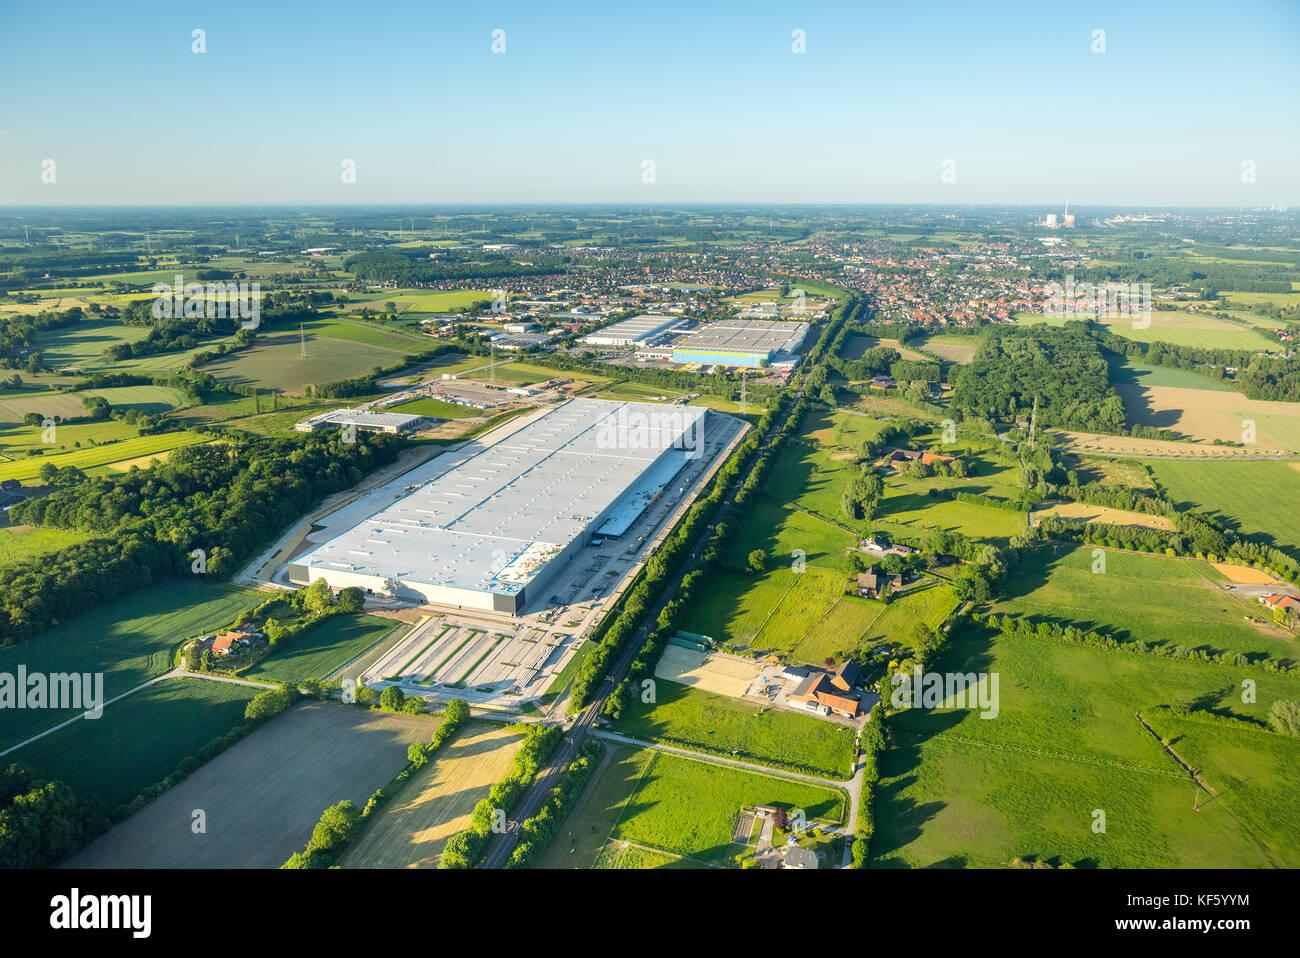 Amazon logistic center Werne, under construction, Baustelle Amazon Logistik Werne, Logistikzentrum, Internethandel, Stock Photo